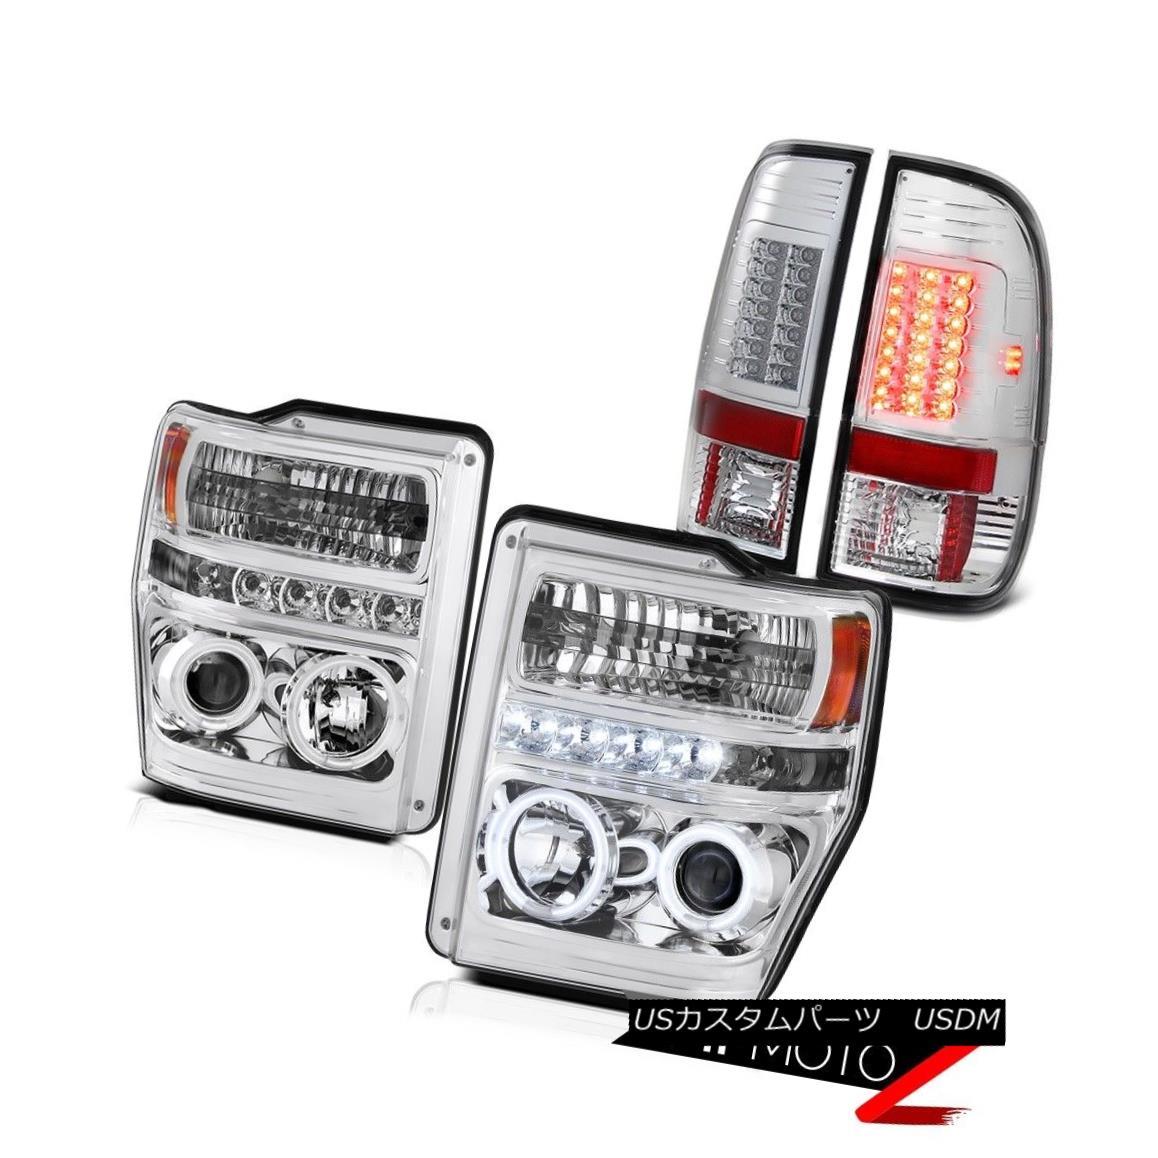 テールライト 08 09 10 Ford F250 F350 SuperDuty King Ranch CCFL Halo Headlights LED Taillamps 08 09 10 Ford F250 F350 SuperDutyキングランチCCFL HaloヘッドライトLEDタイルランプ